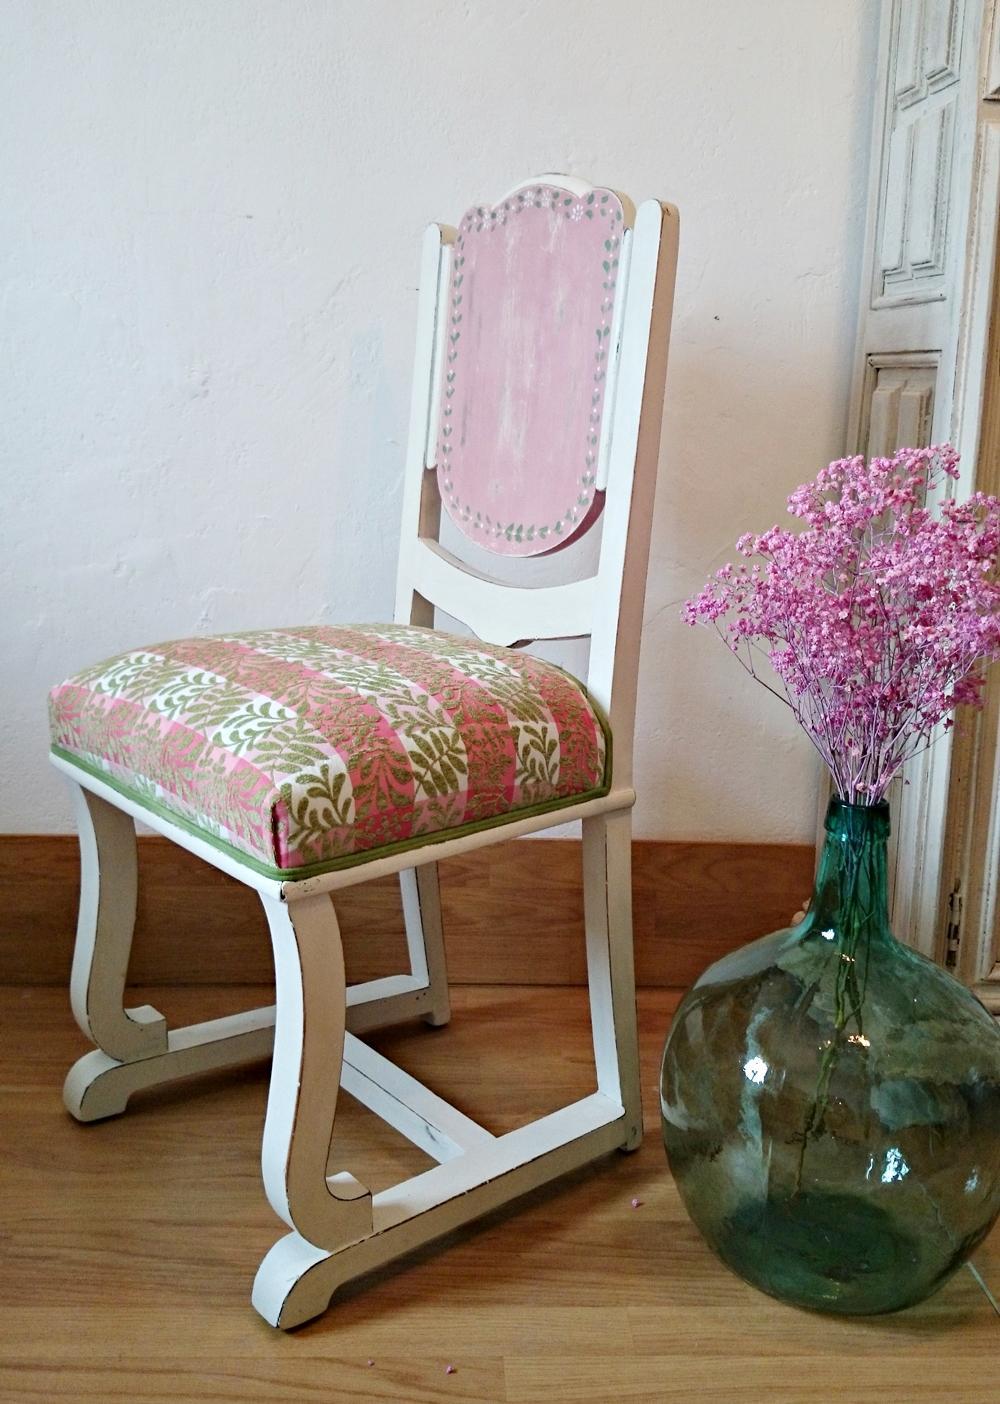 Antigua silla art decó en blaco y rosa   Tienda online de decoración ... bcf64ad3d042